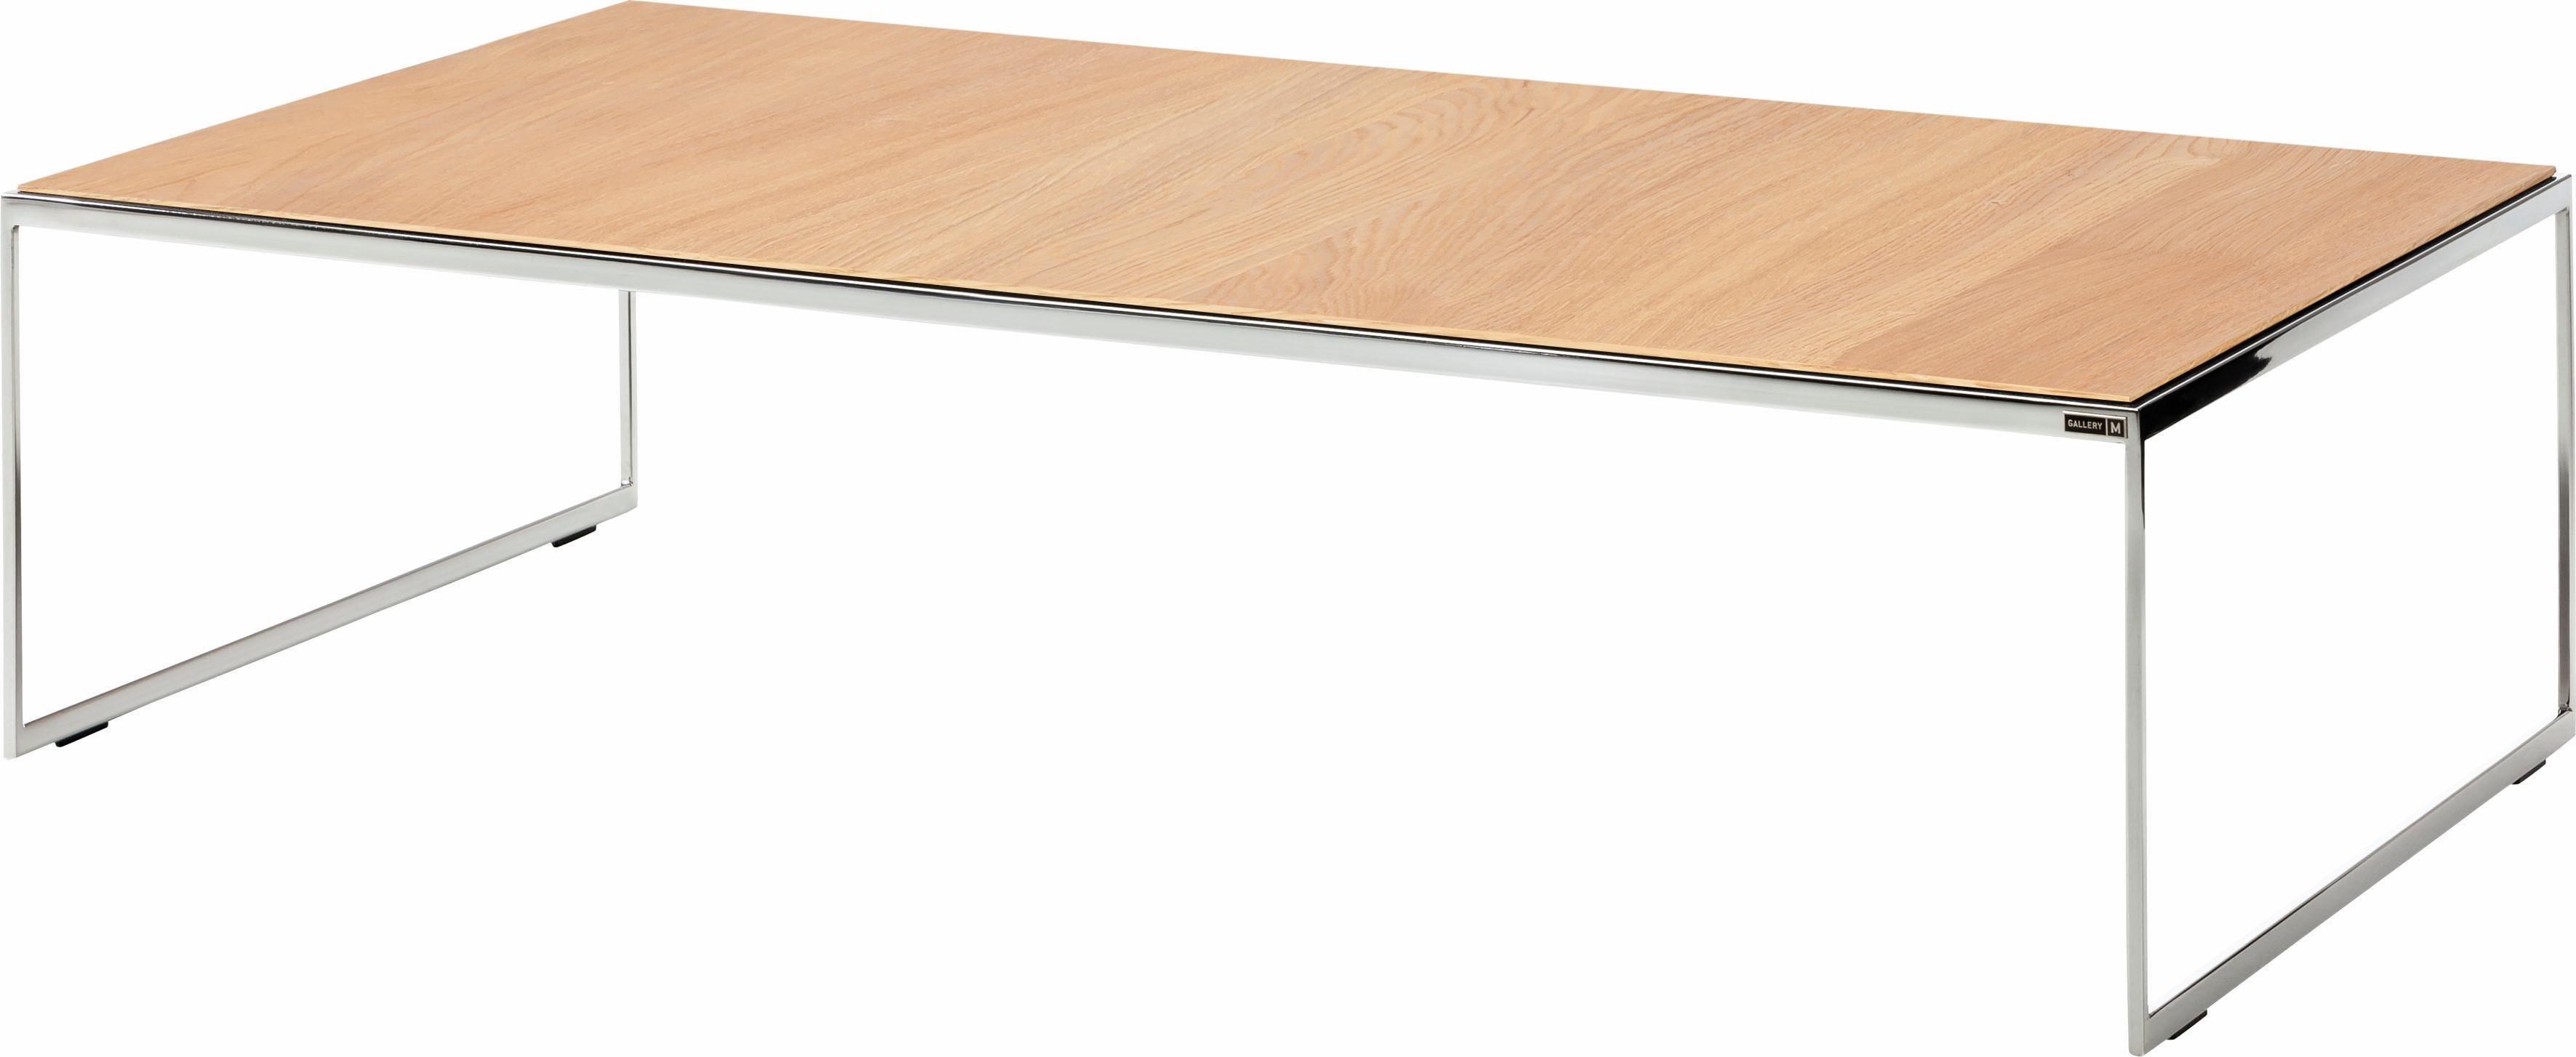 GALLERY M Couchtisch »Toscana« T 1501/T 1505 | Wohnzimmer > Tische > Couchtische | Chrom | Holz - Wildeiche - Nussbaum | Gallery M